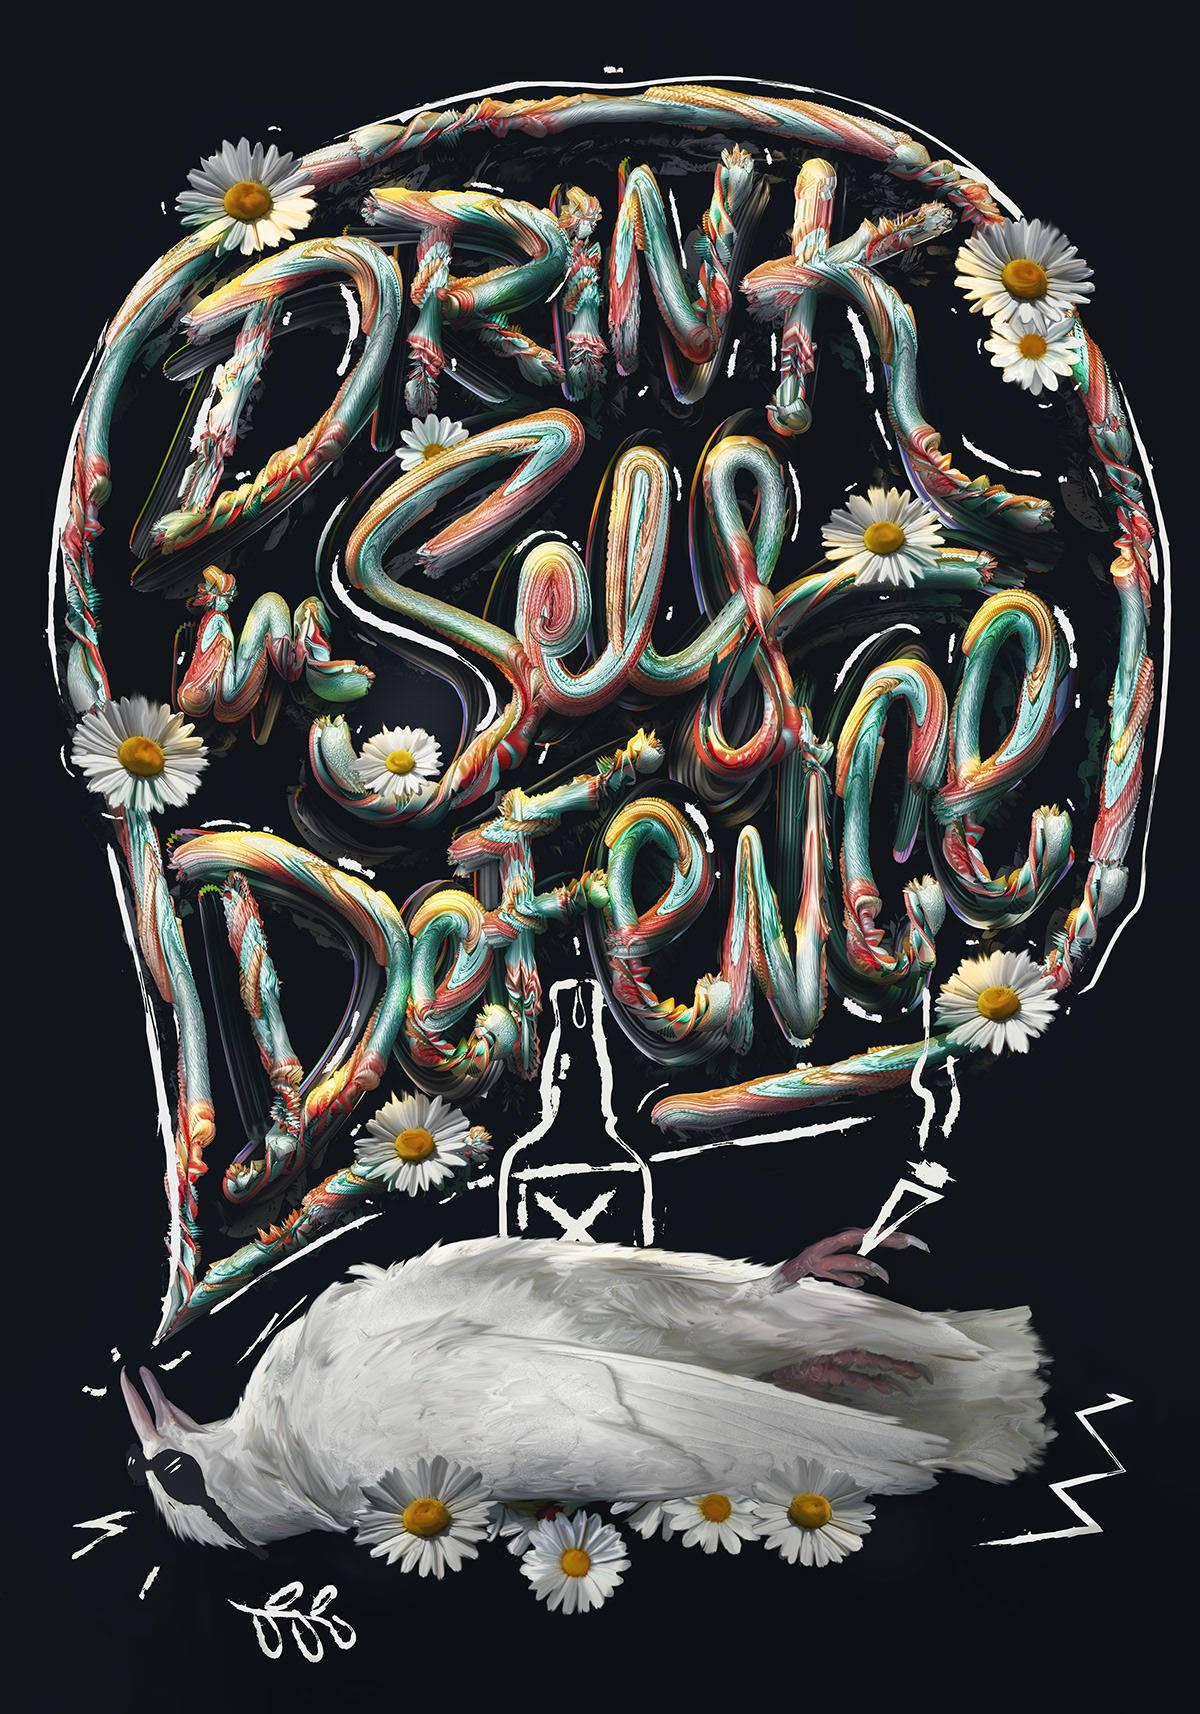 海报设计素材分享 最酷炫的字体都在这